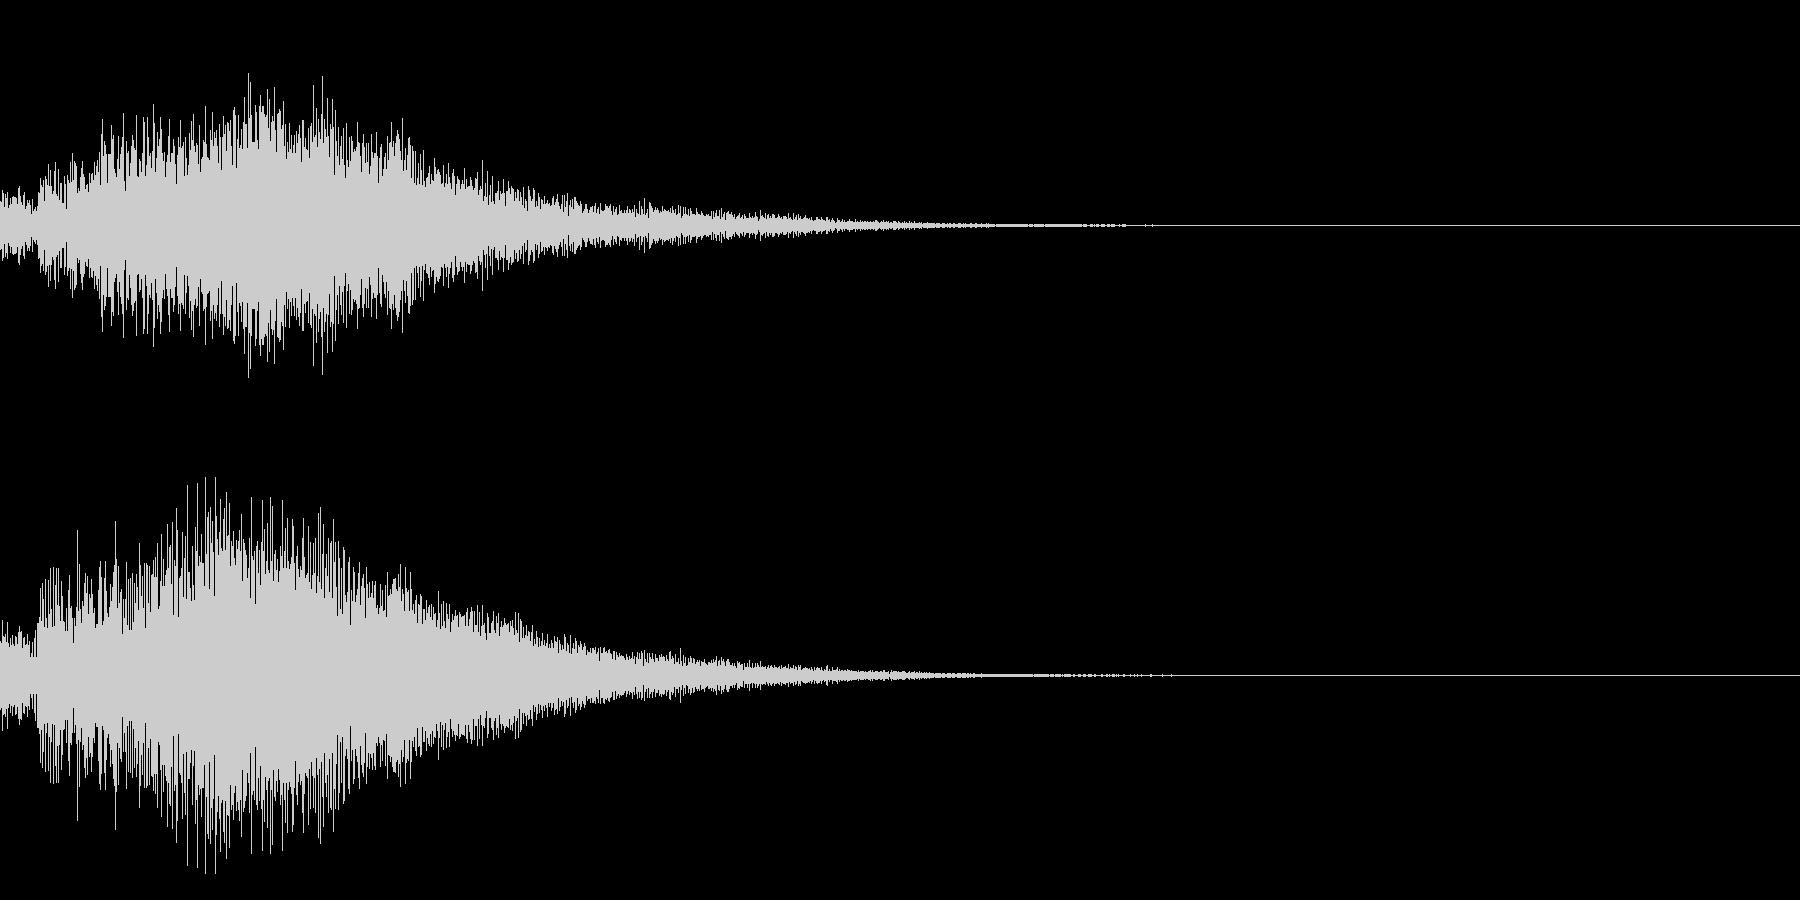 シンプルな決定音 ボタン音 正解音 17の未再生の波形